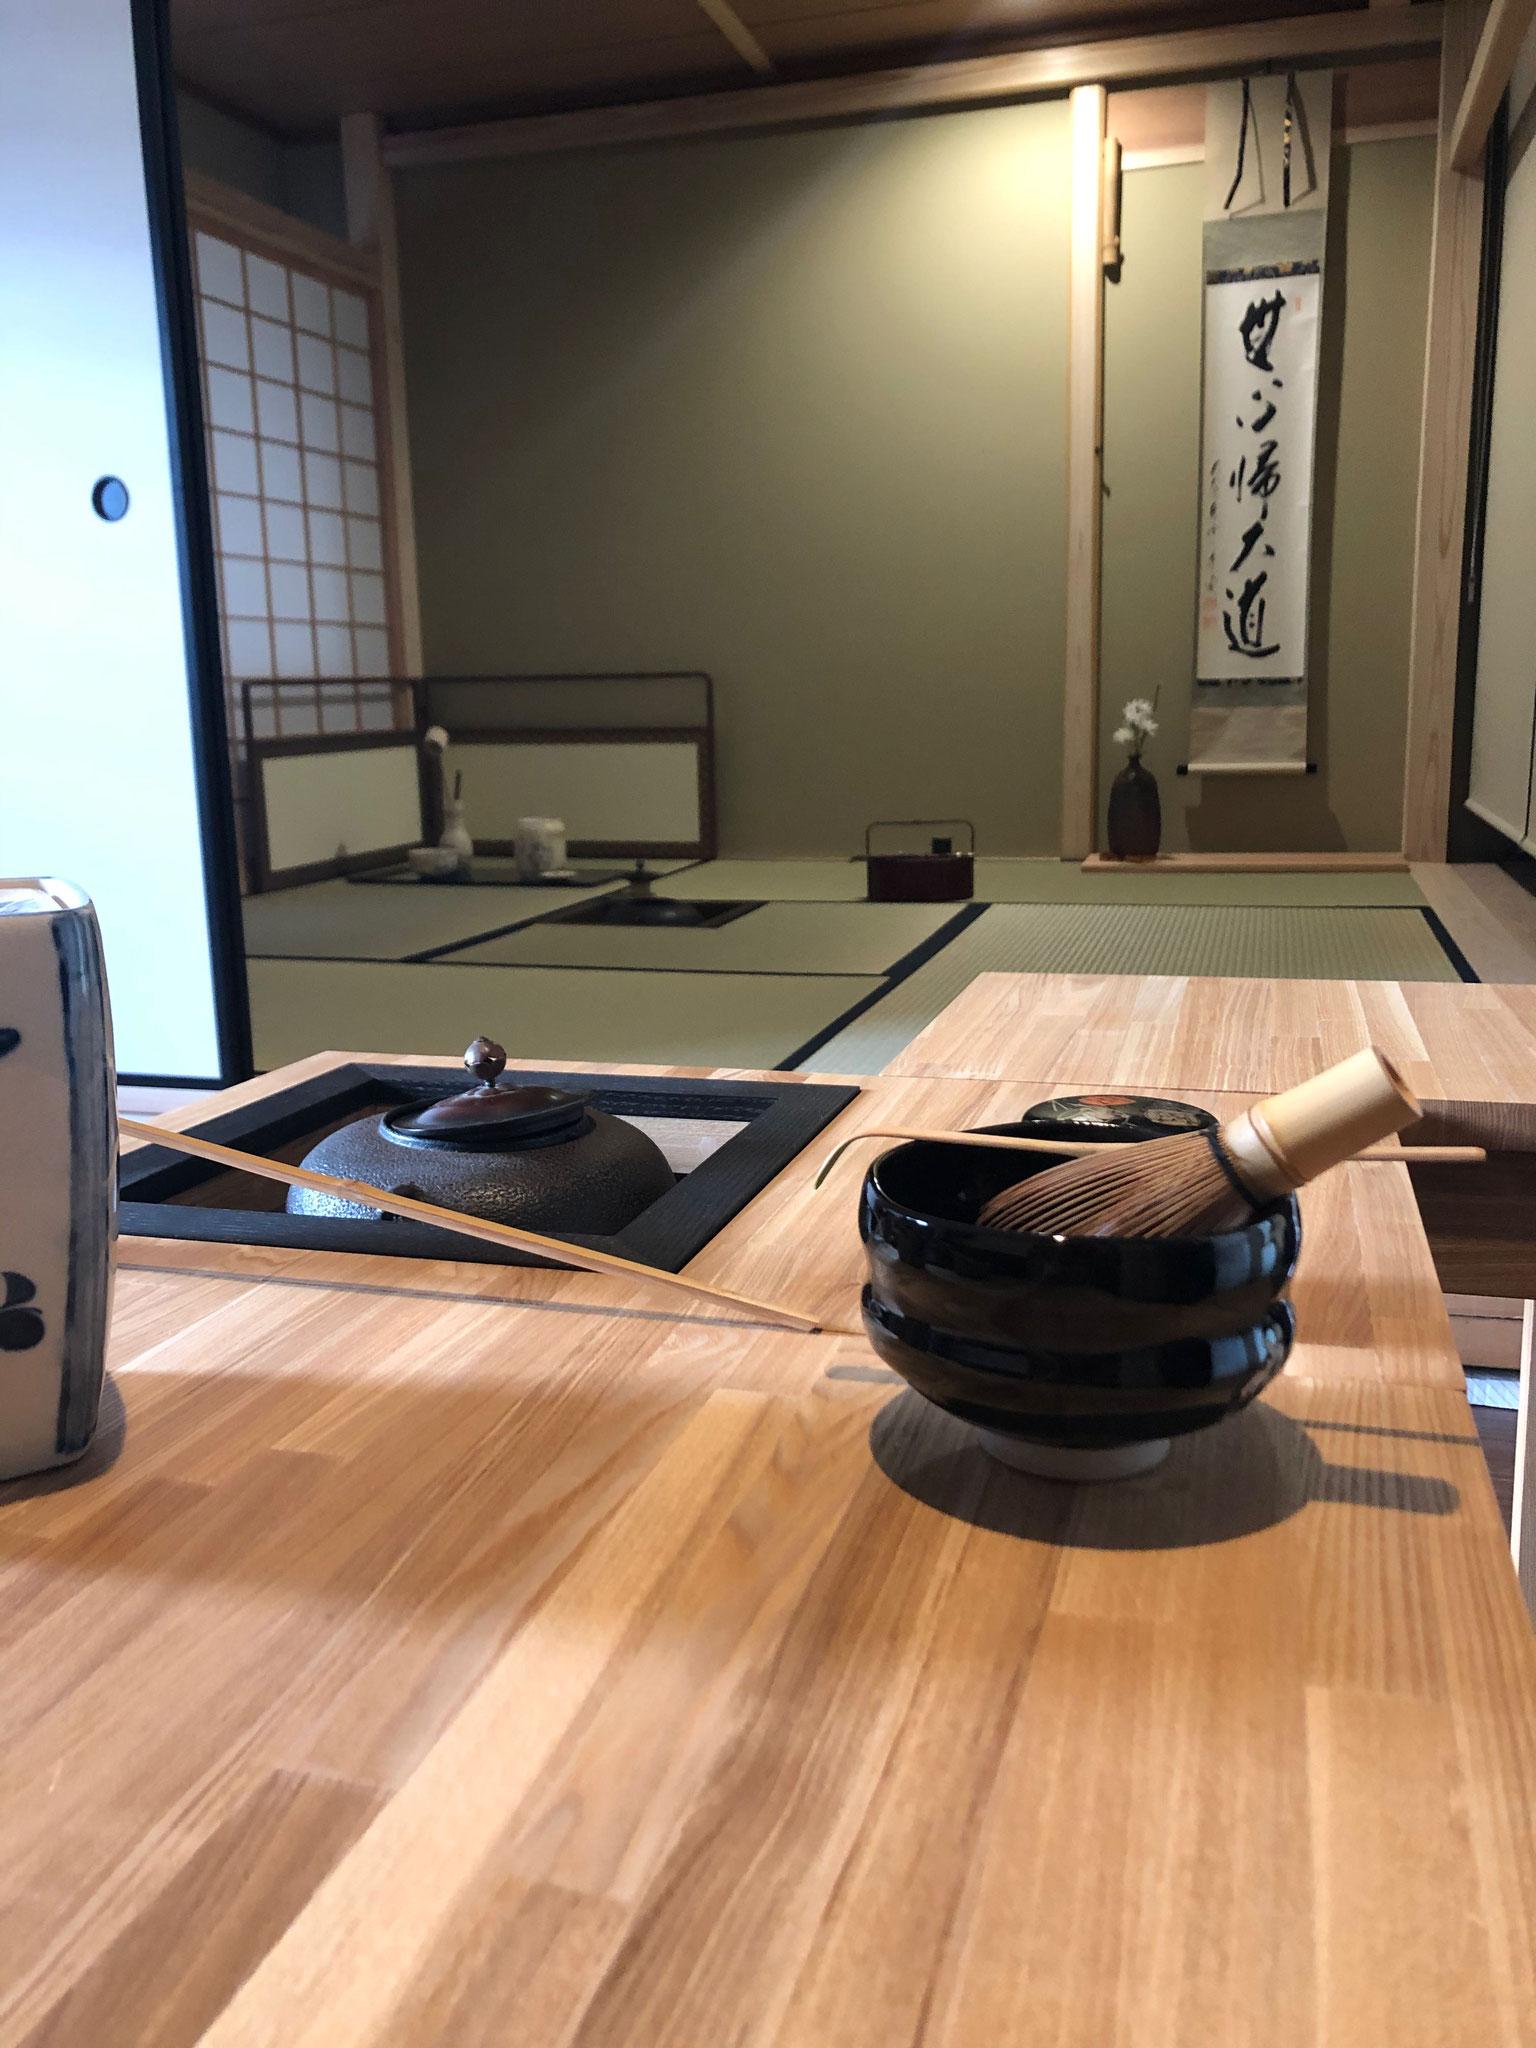 「椅子de茶道クラス」は椅子でできる茶道稽古です〜体験・見学受け付けています〜